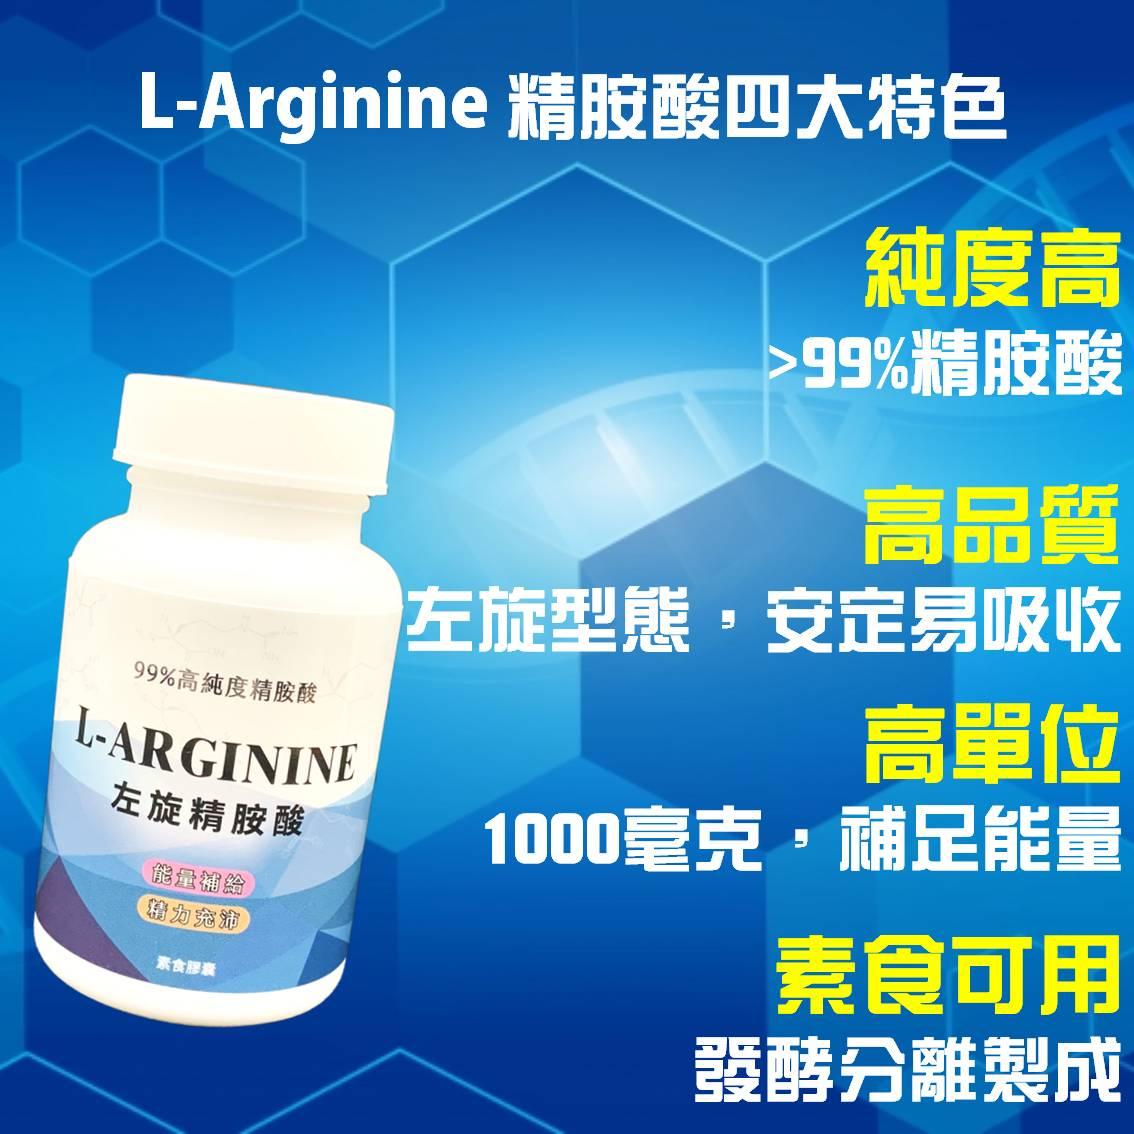 左旋精胺酸 L-arginine 60粒 99%高純度精氨酸 一氧化氮 NO 增強體力 男性保健 運動保健 【神農嚴選】